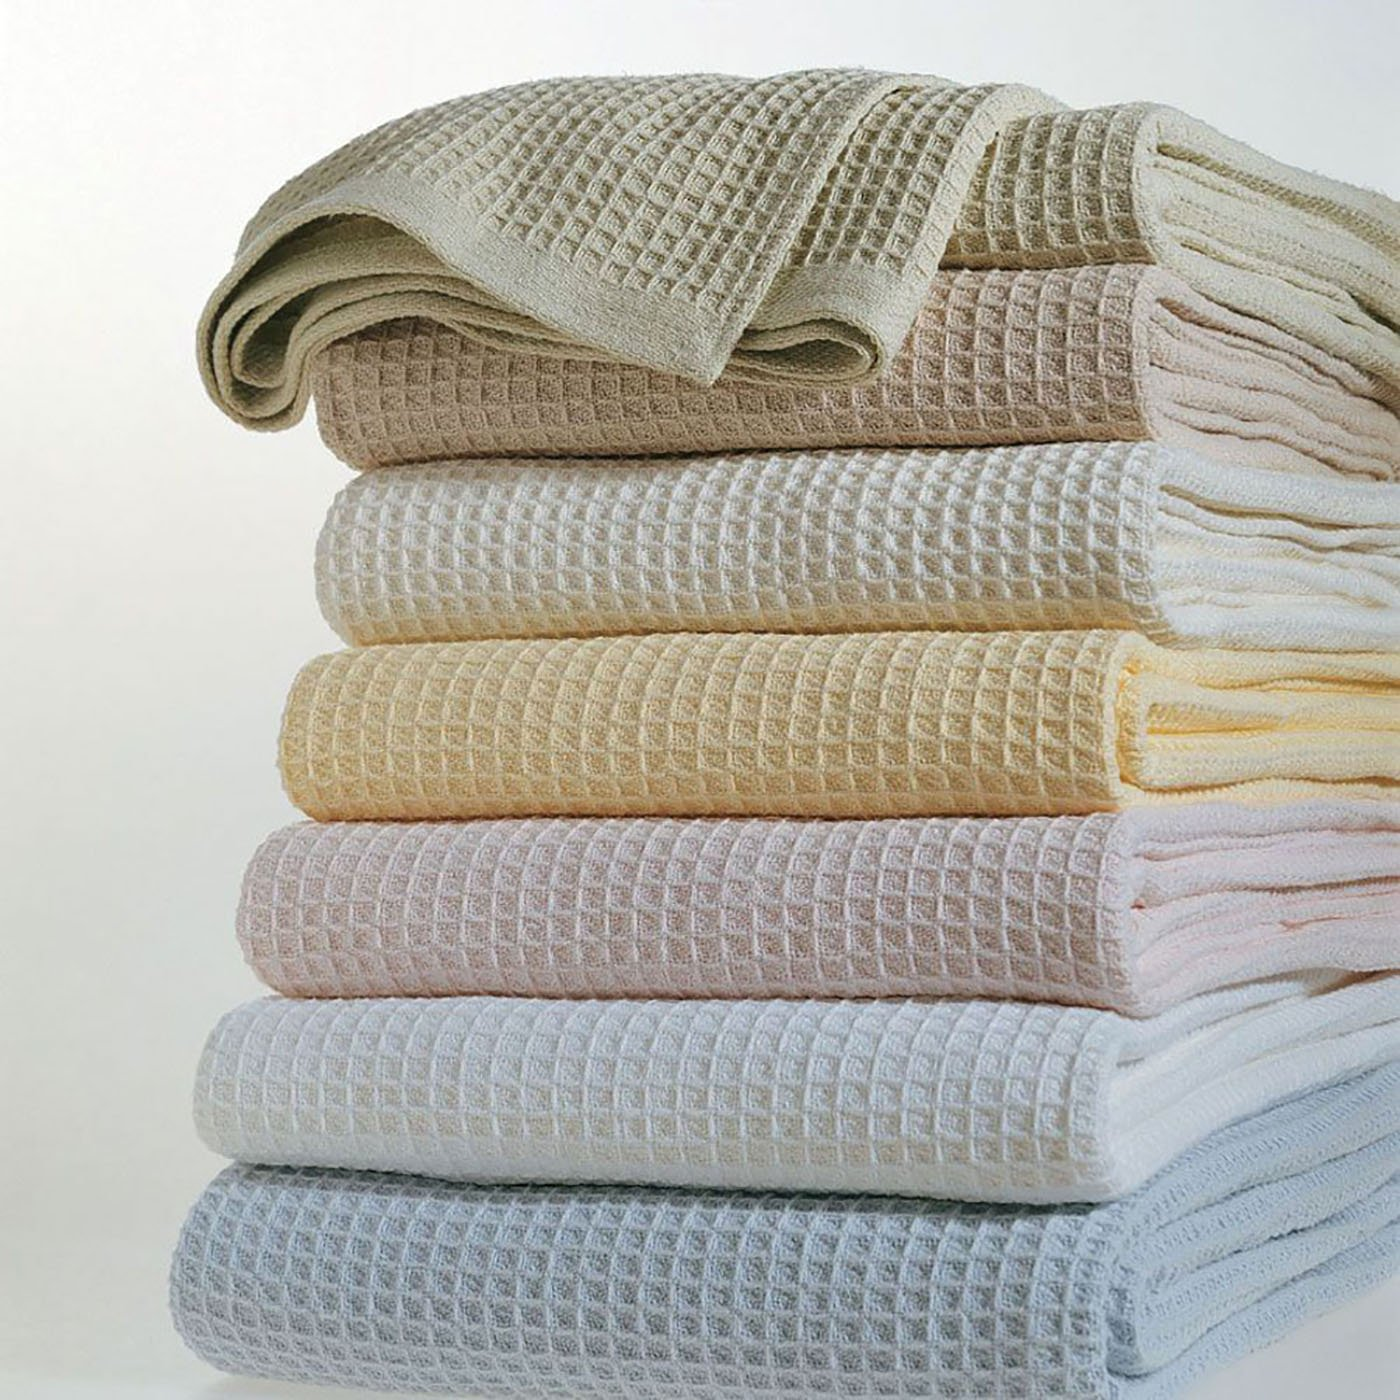 Kingston by Sferra - Full/queen Blanket 100x100 (White) by Sferra